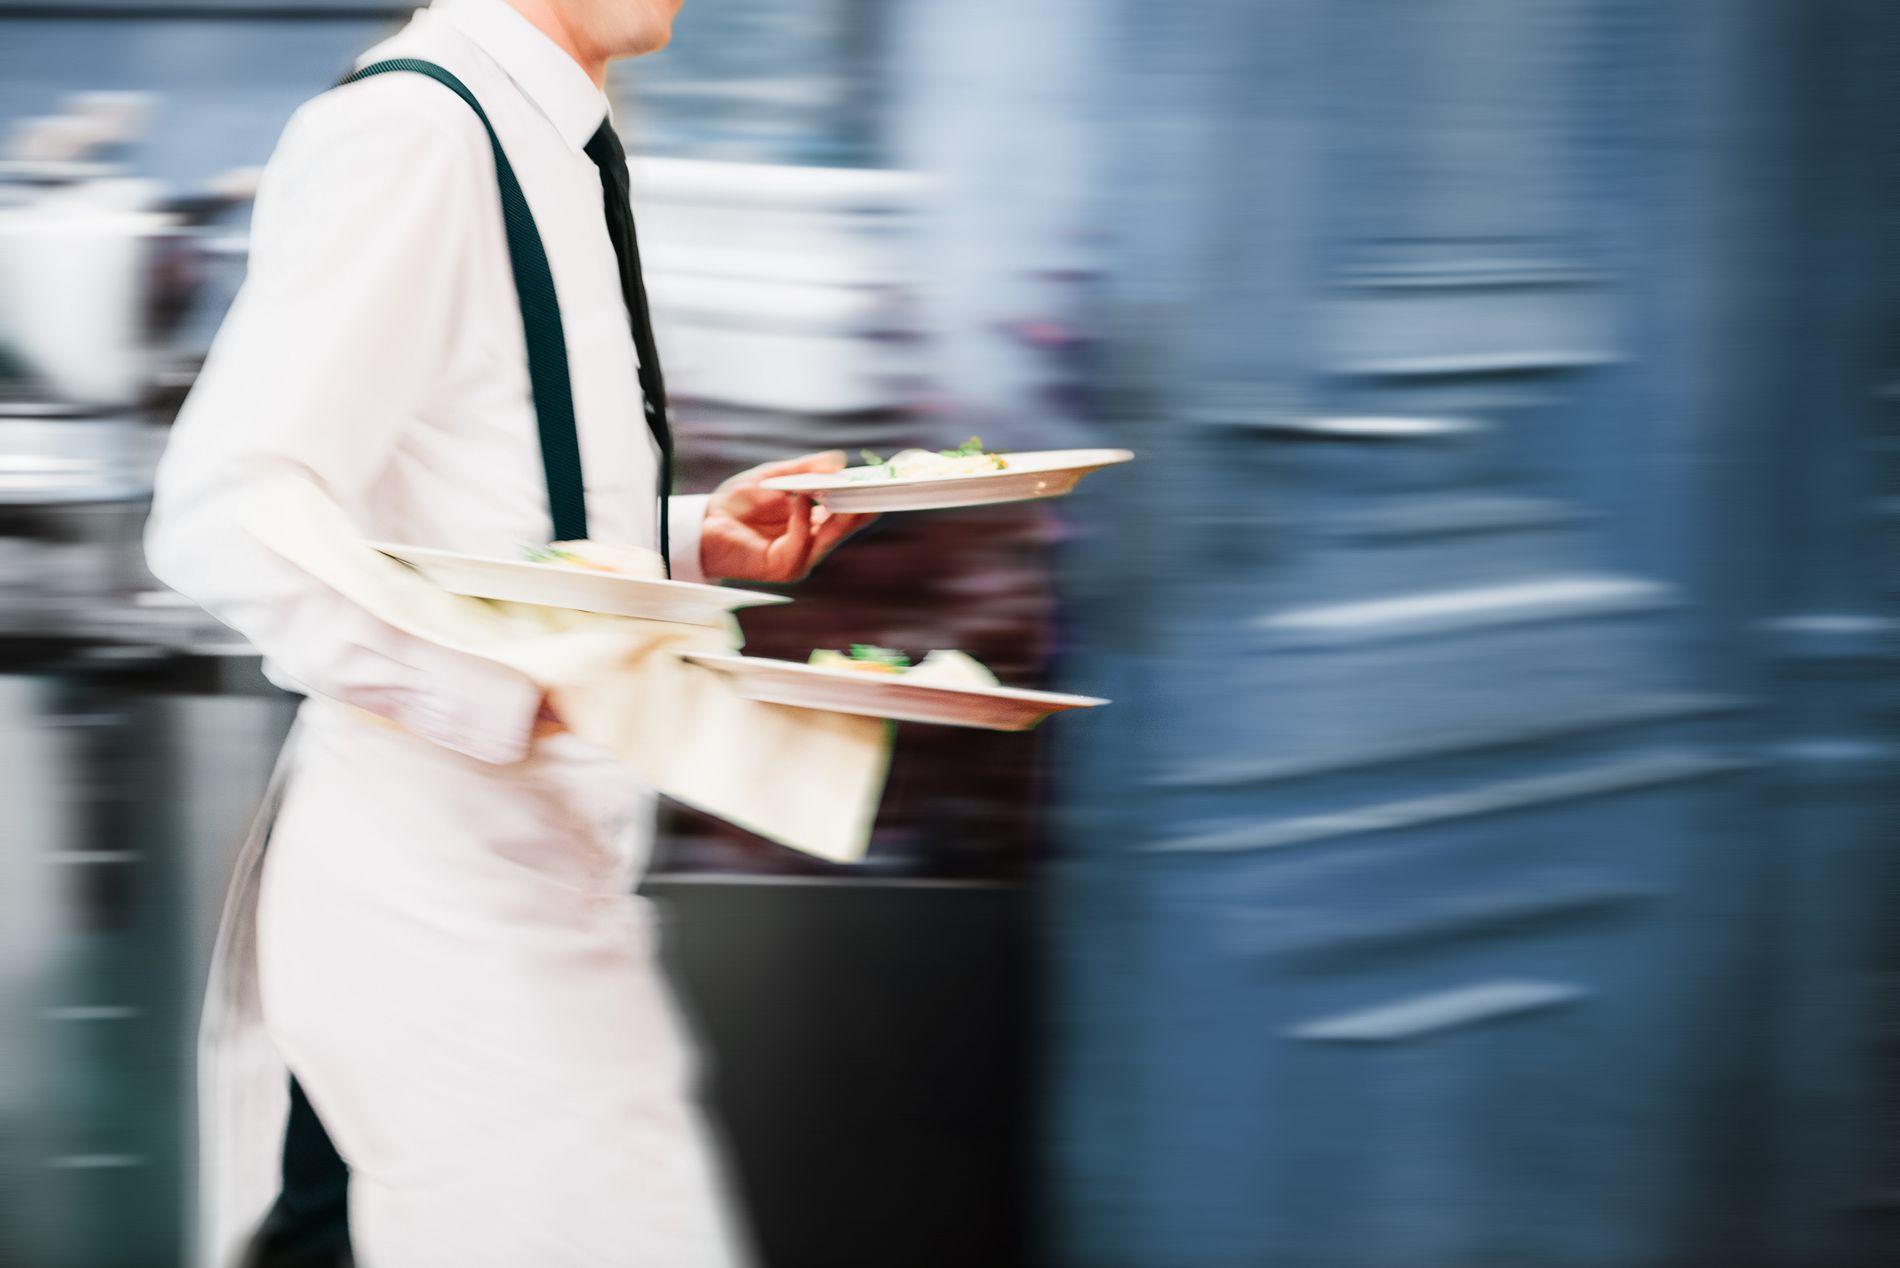 DEMOTIVERENDE: Beskatning av tips fører til dårligere service, mener innsenderen.